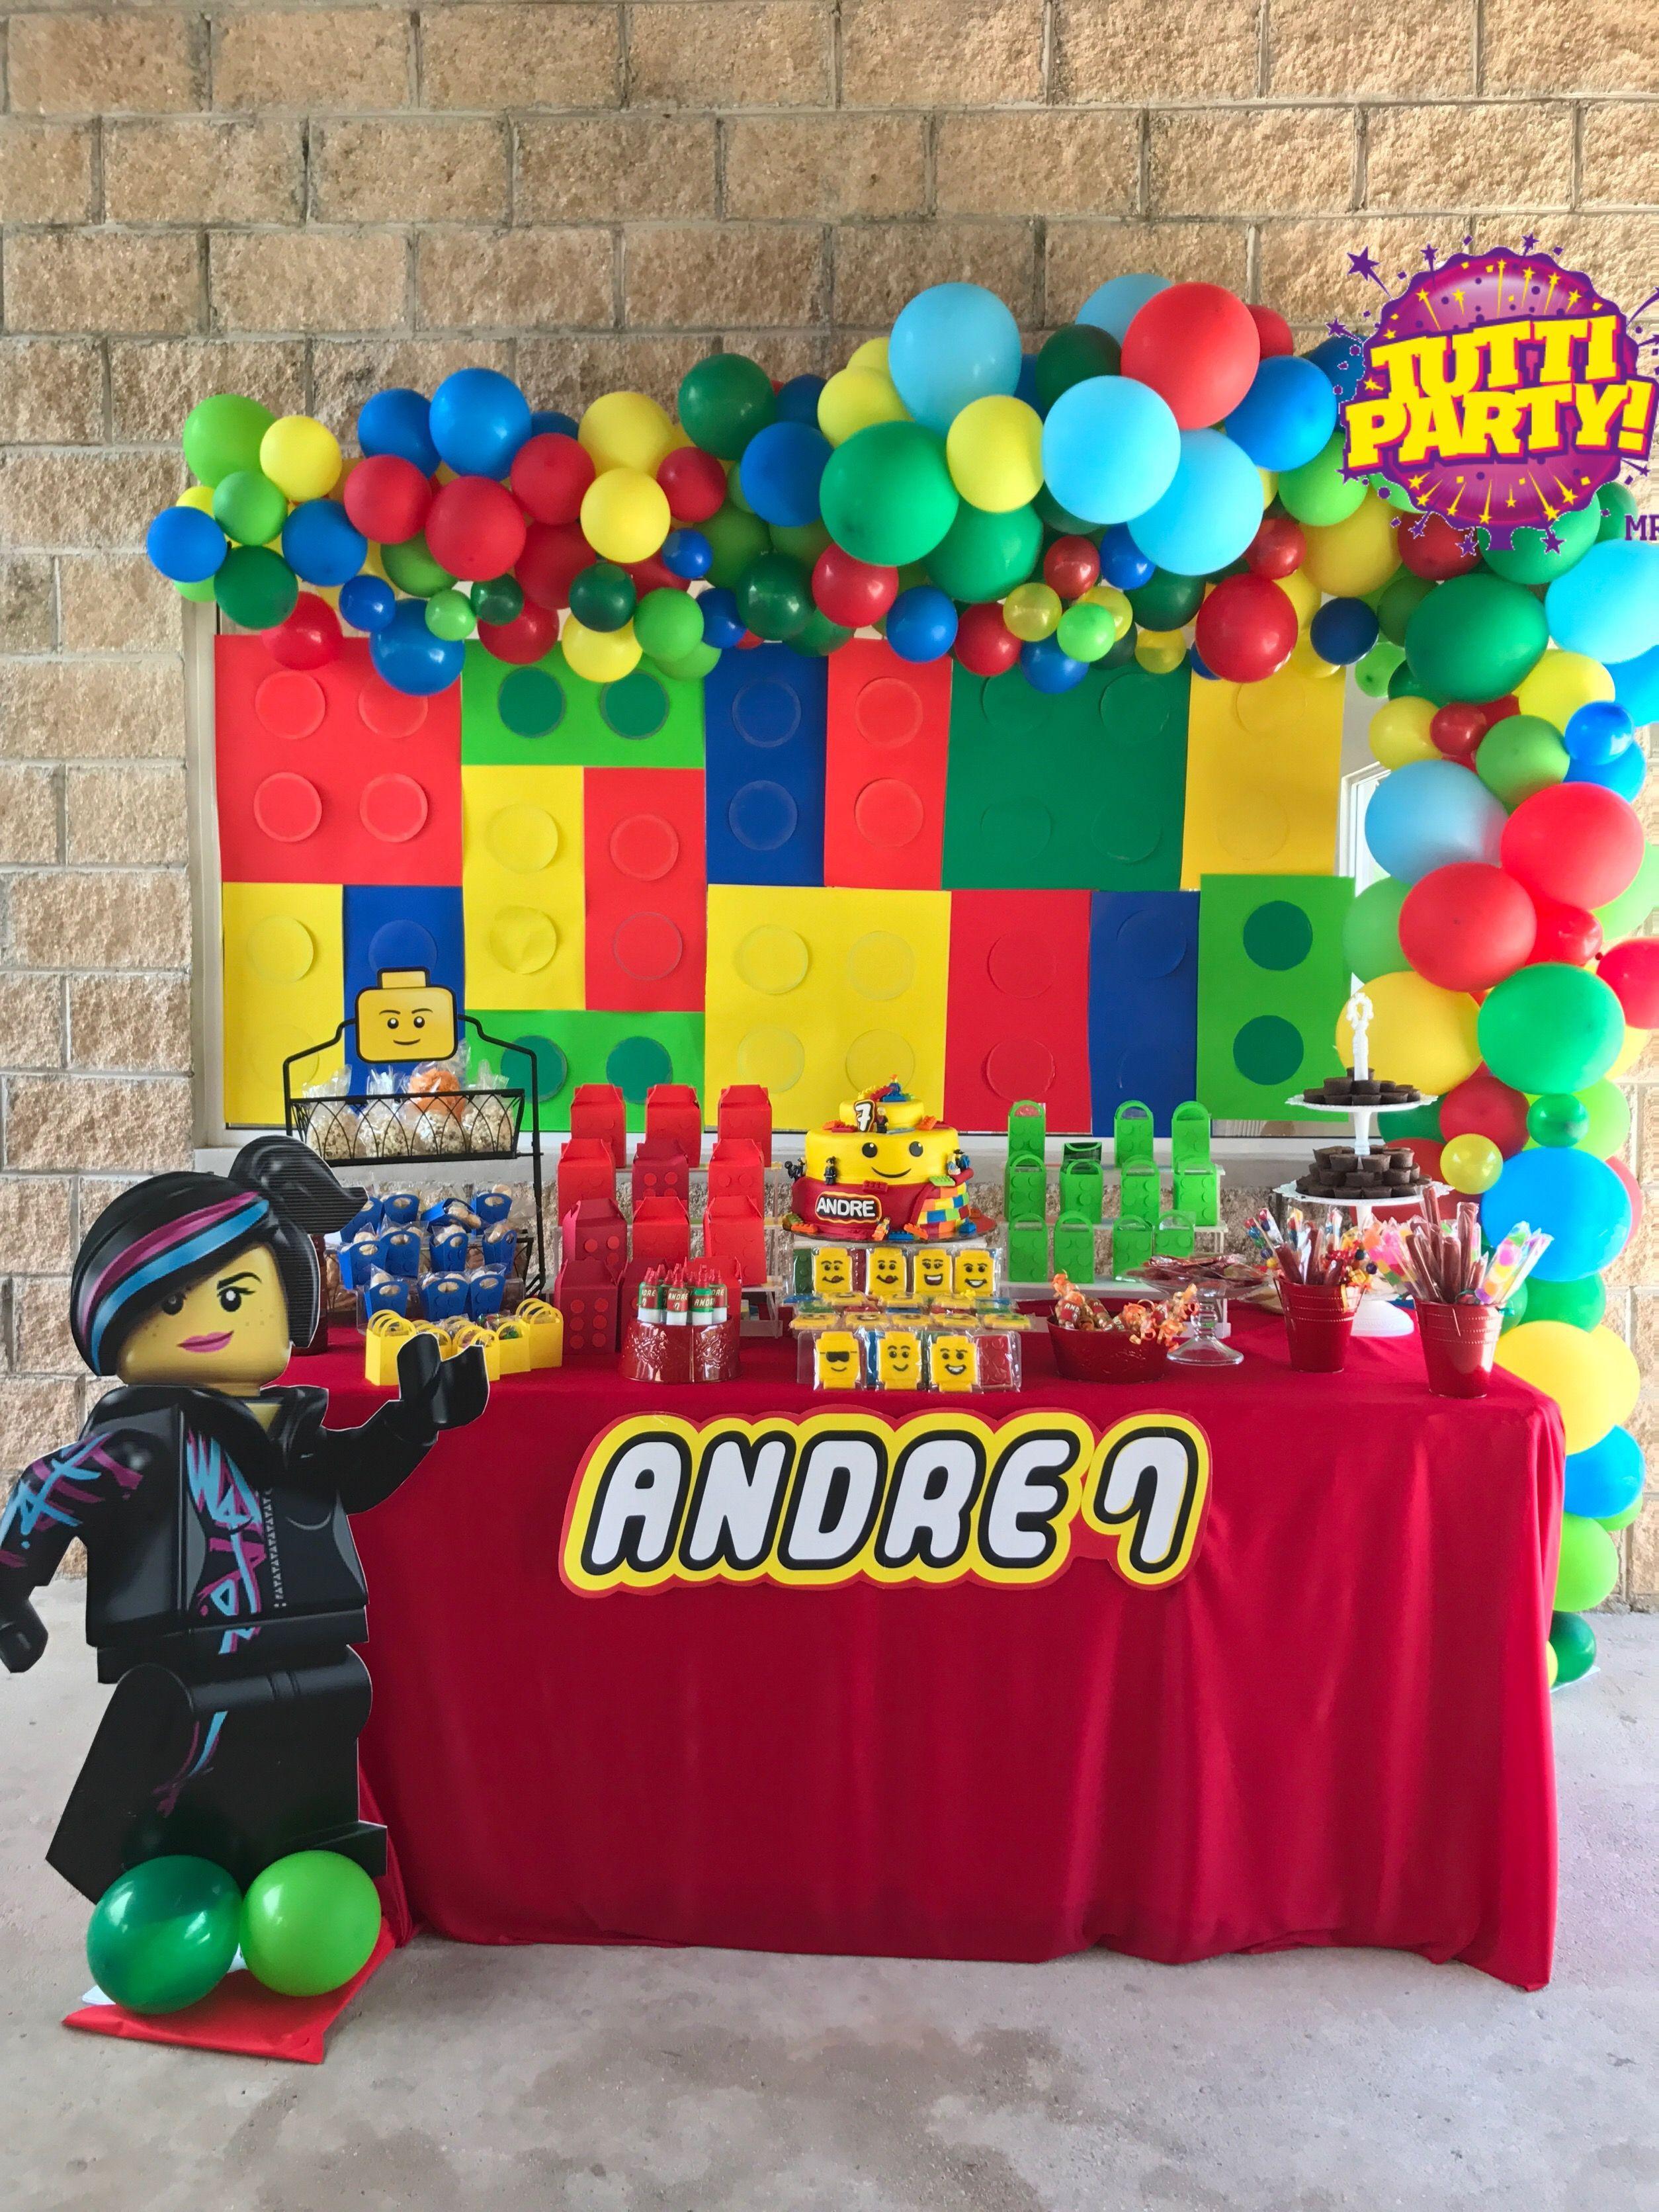 70 Venta De Decoracion Para Fiestas Infantiles En Medellin Fiesta De Legos Decoraciones De Fiesta Lego Decoracion De Fiestas Infantiles